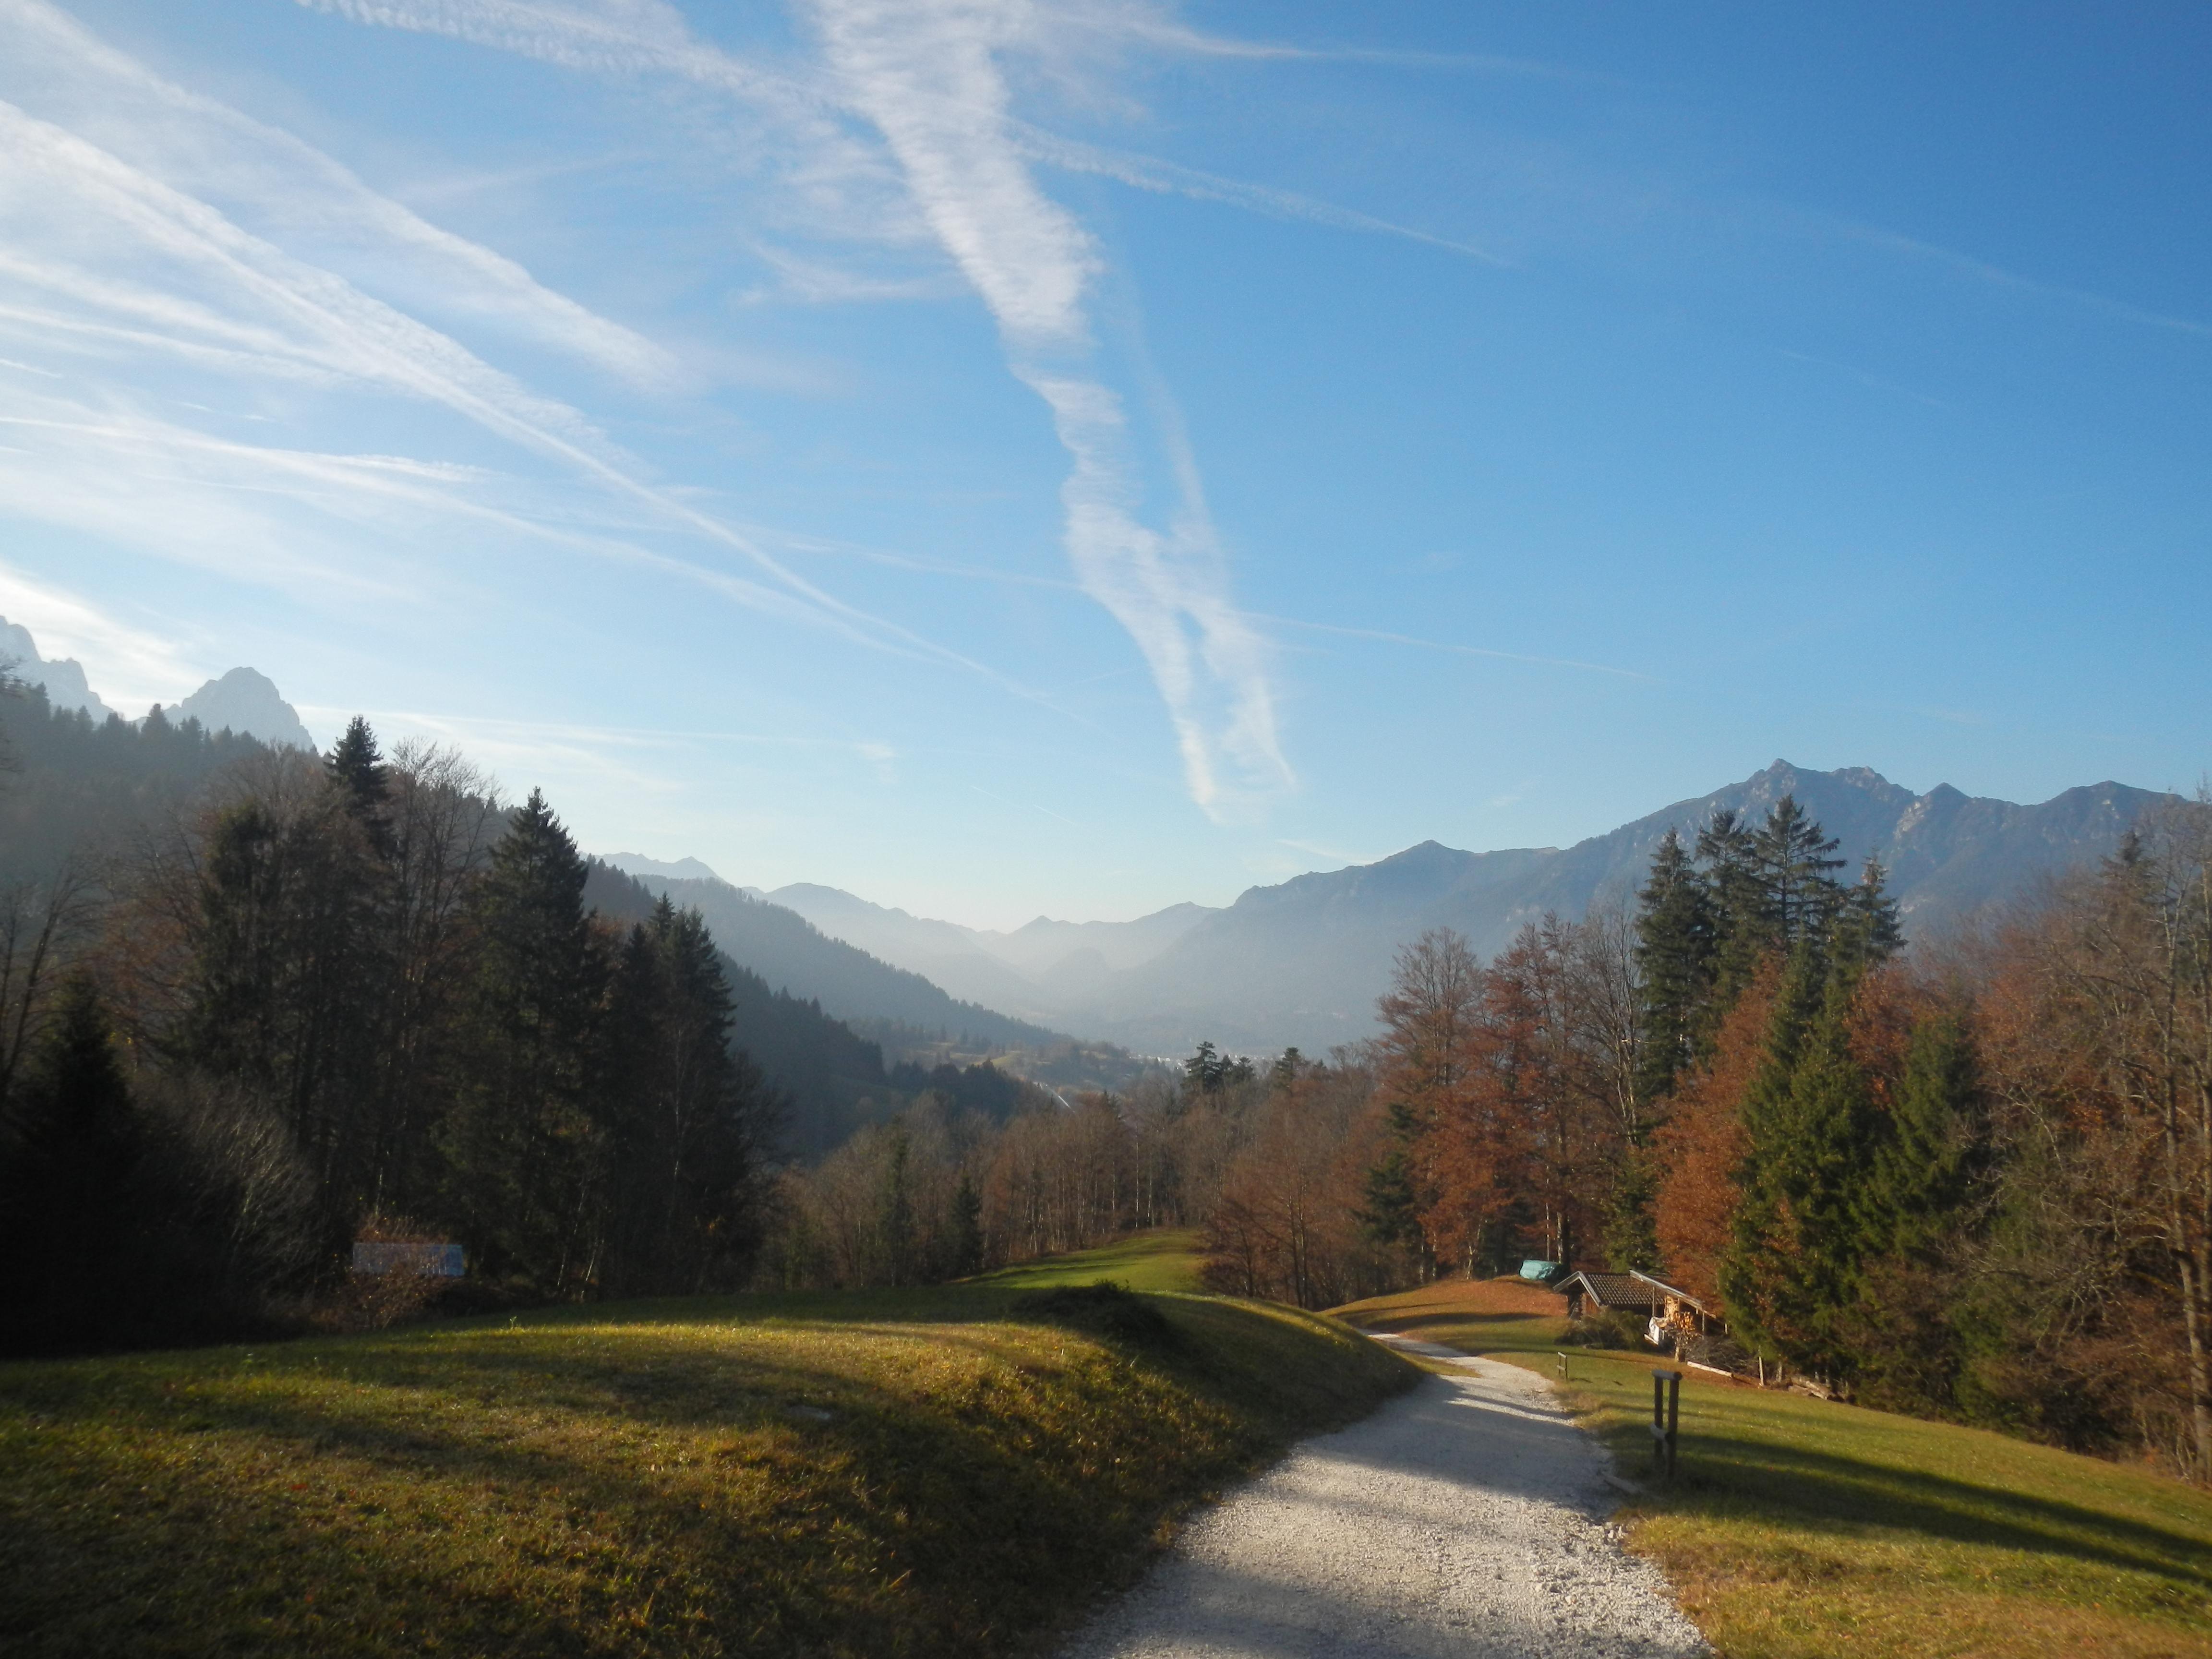 Auf einem naturbelassenen Weg geht es von Wamberg weiter bergab nach Garmisch-Partenkirchen.